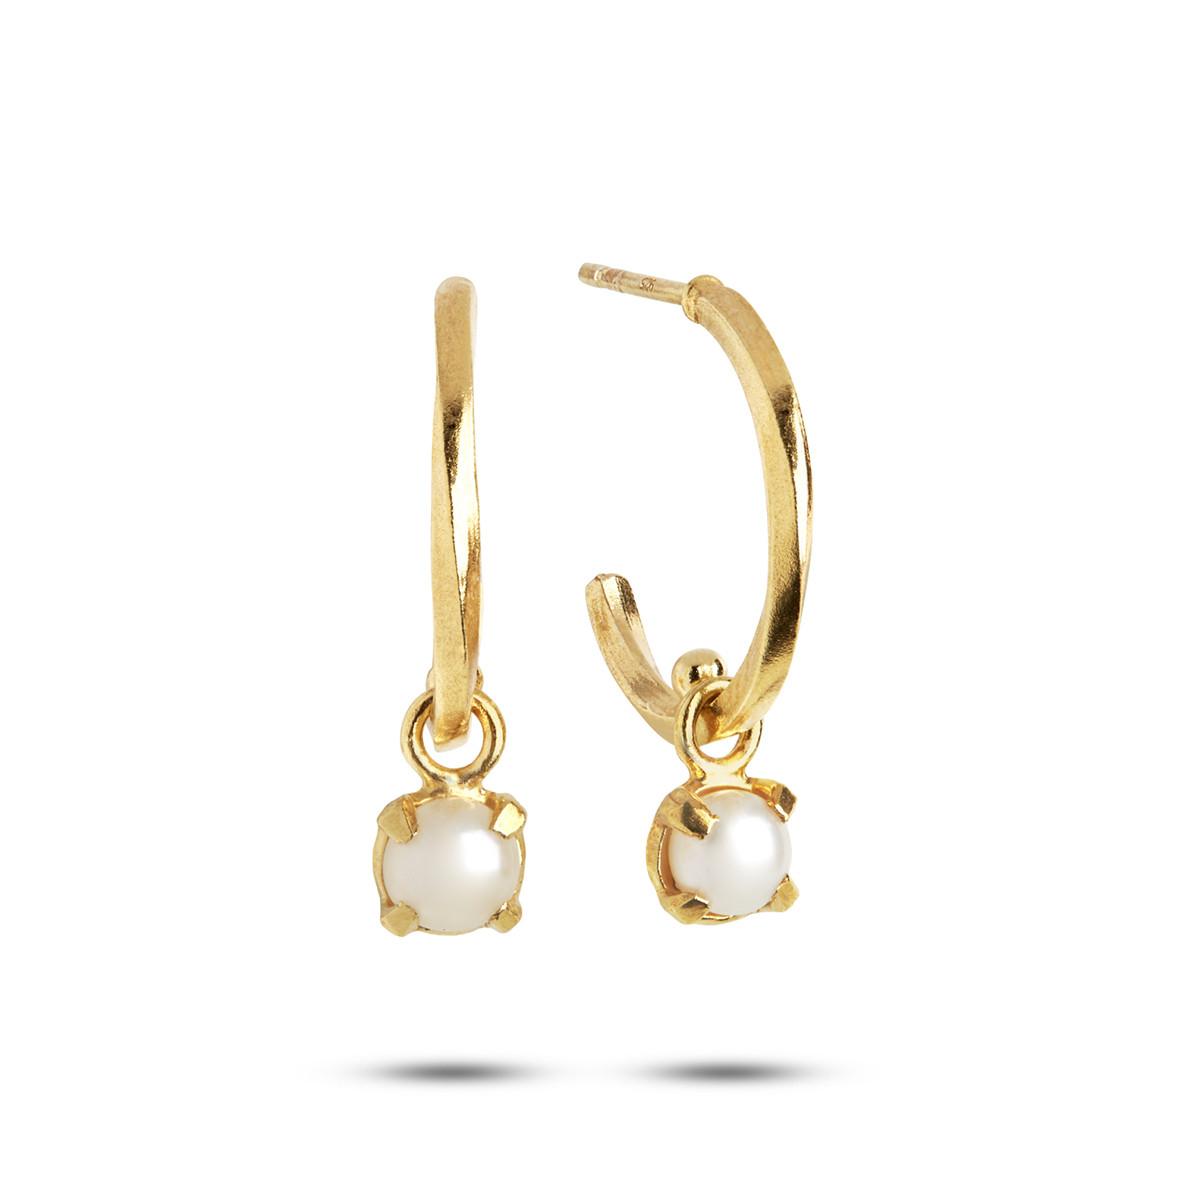 Image of   Carré snoet forgyldte creoler med hvid perle, juni månedssten